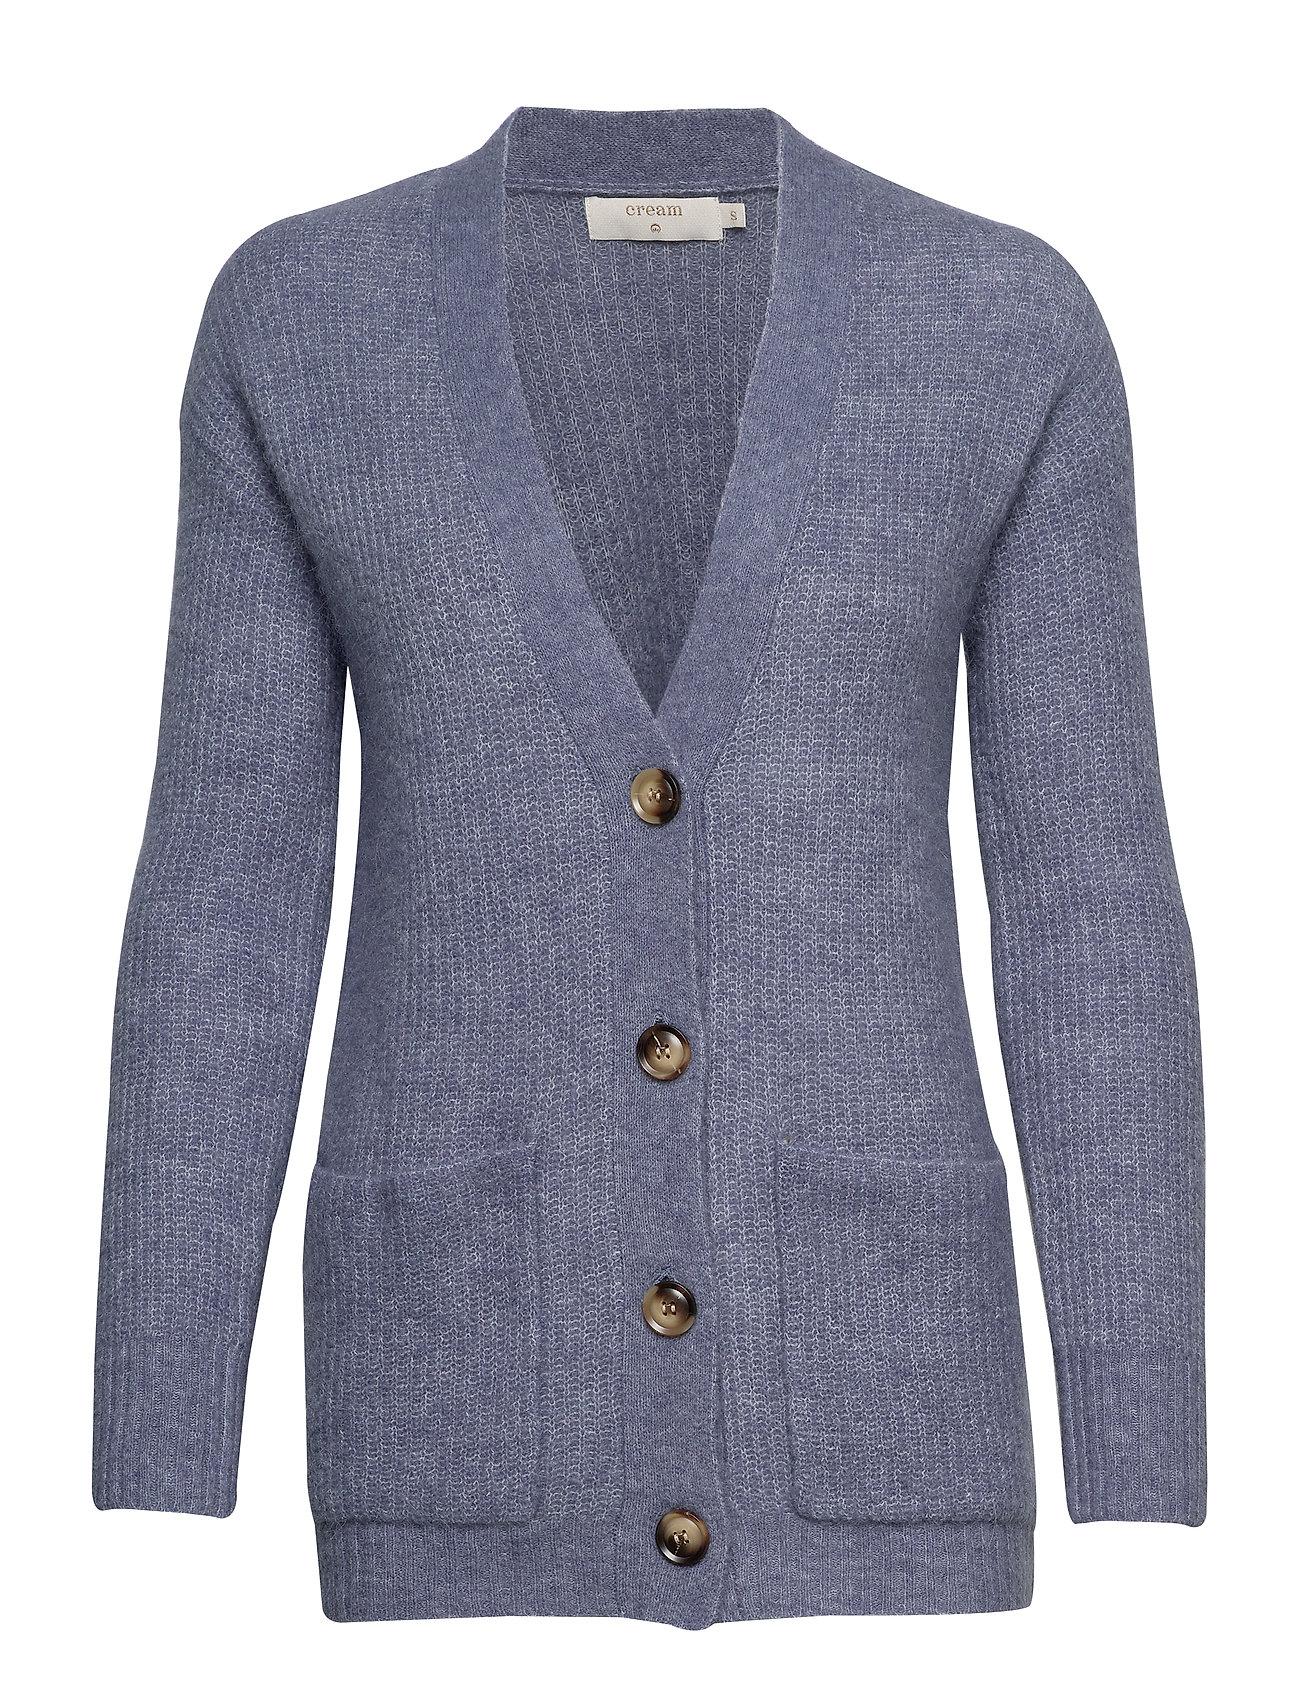 Cream Gina Oversize Knit Cardigan - INFINITY MELANGE BLUE